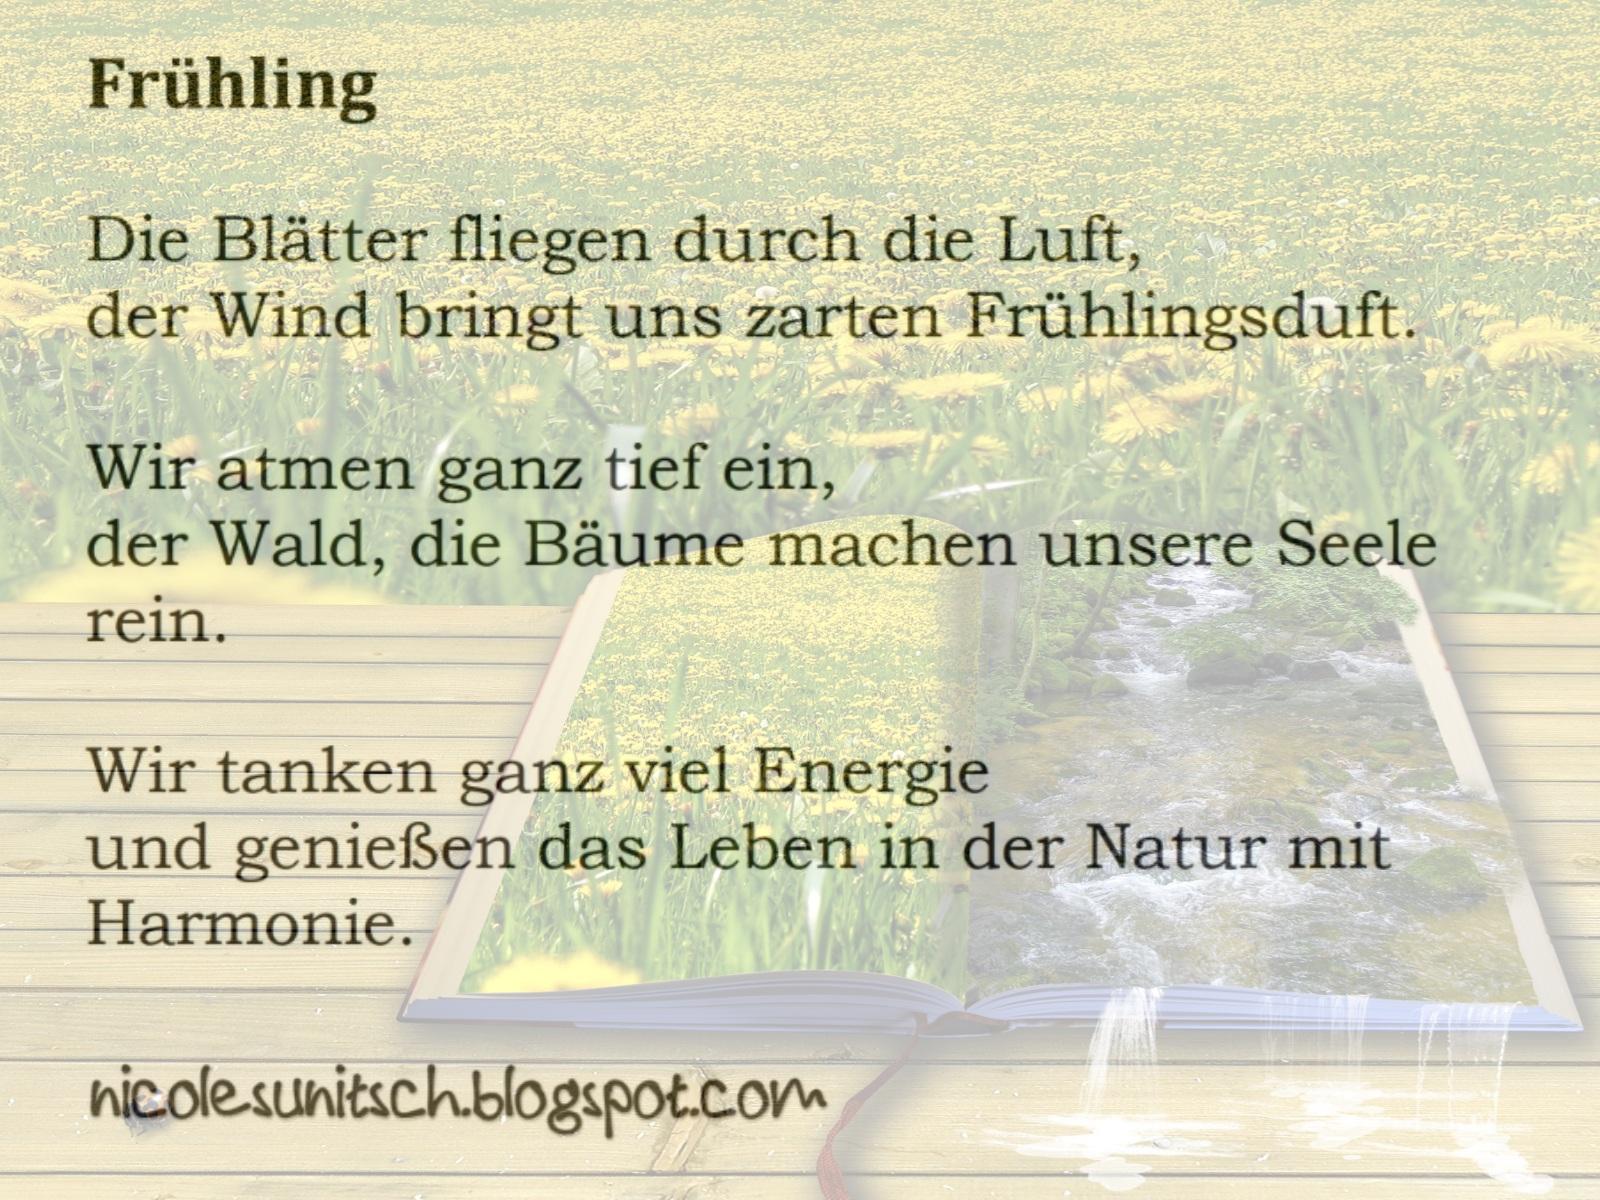 Gedichte Von Nicole Sunitsch Autorin Gedicht Frühling